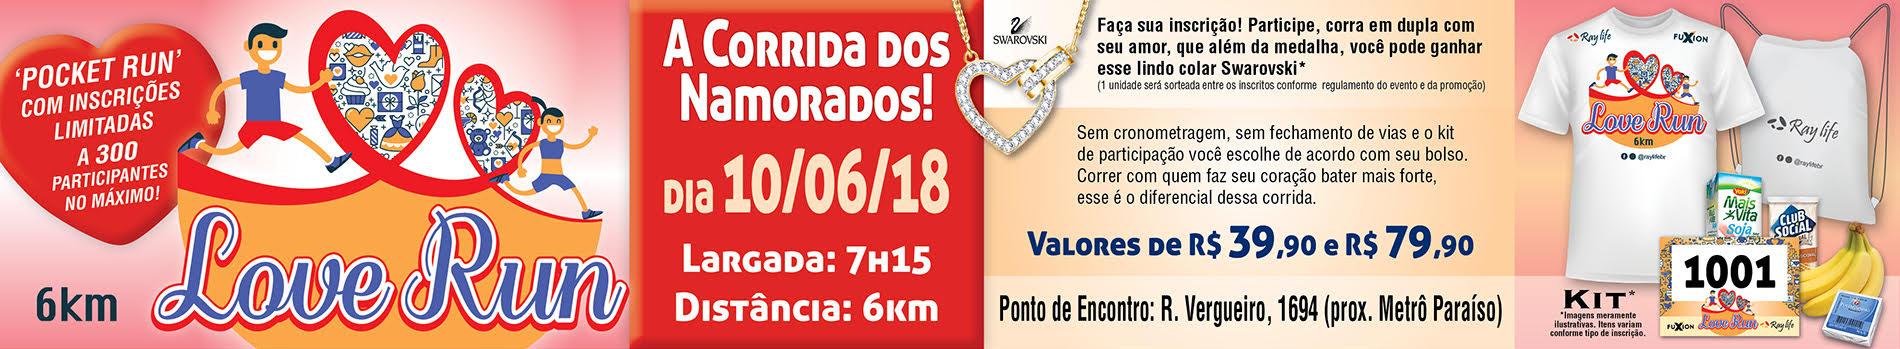 LOVE RUN  6KM - CORRIDA DOS NAMORADOS - Imagem de topo